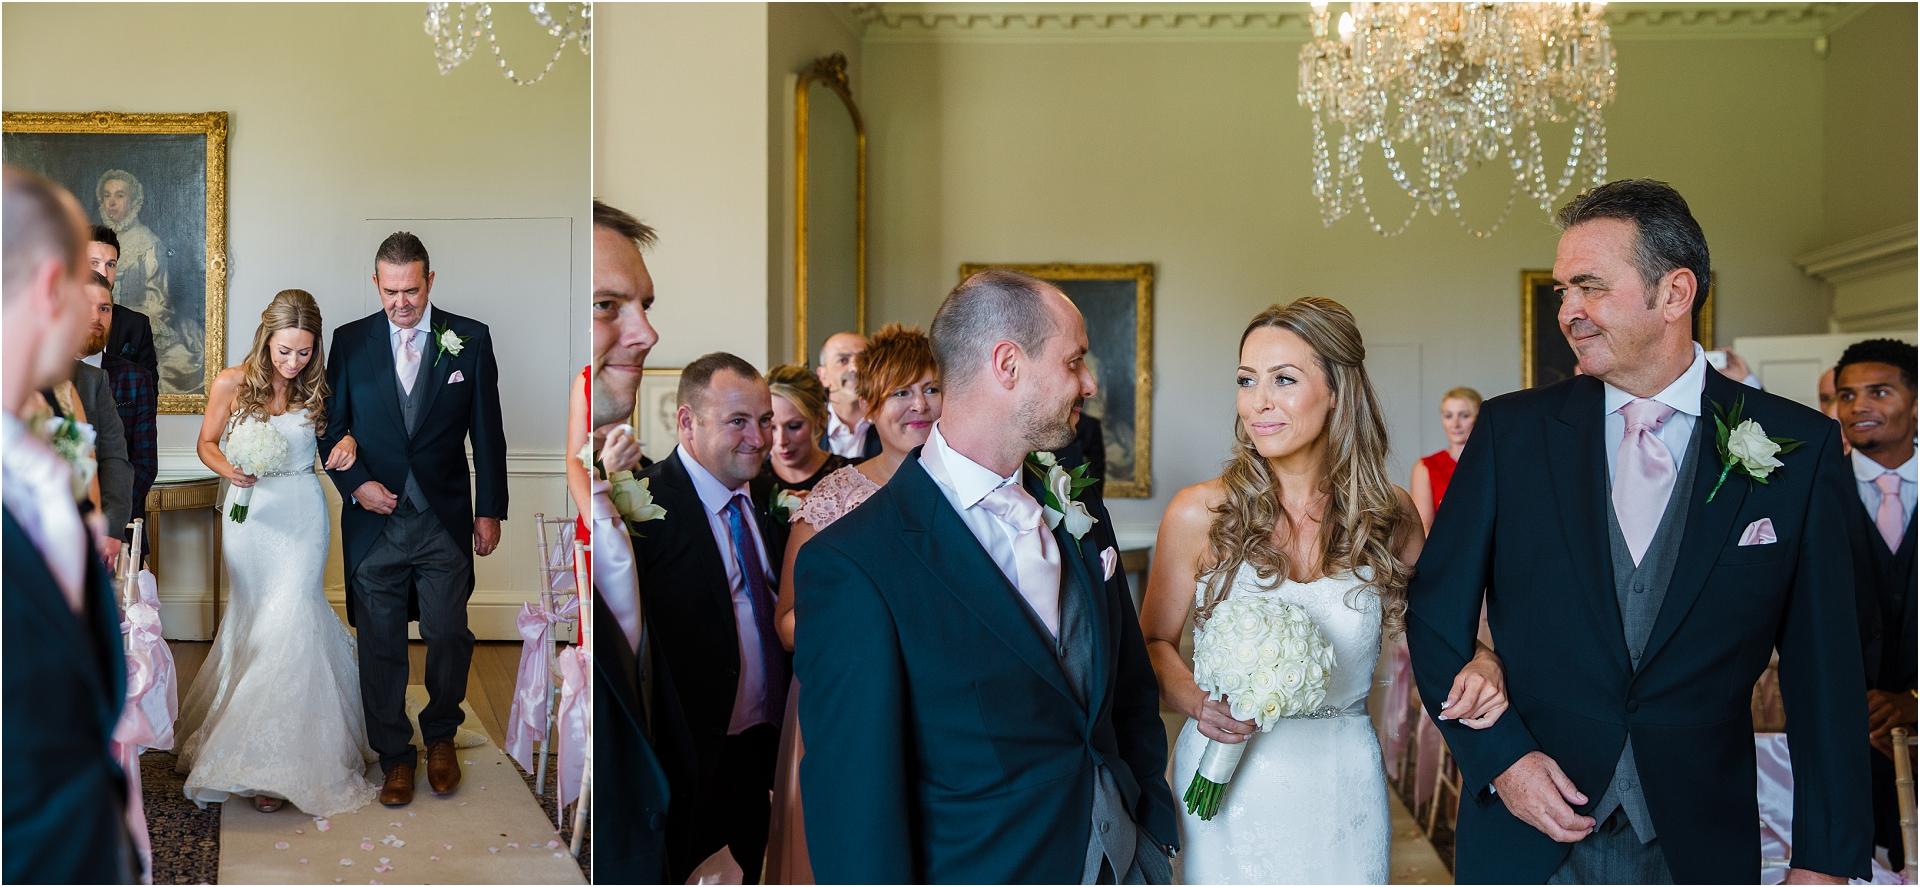 wedding-photography-norwood-park_0029